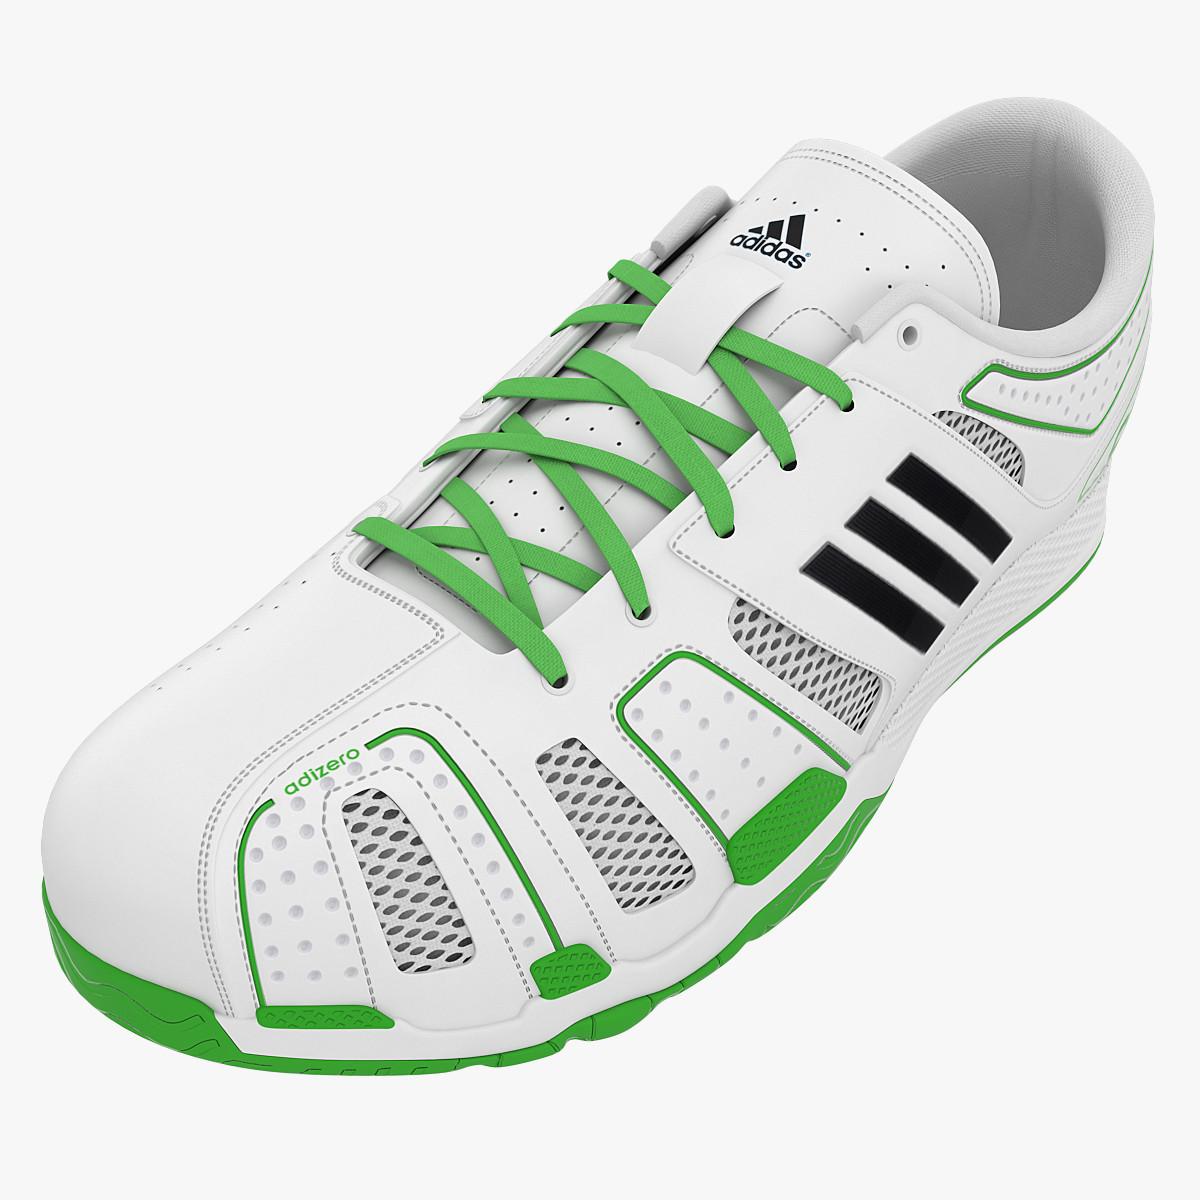 Adidas_CC5_00.jpg